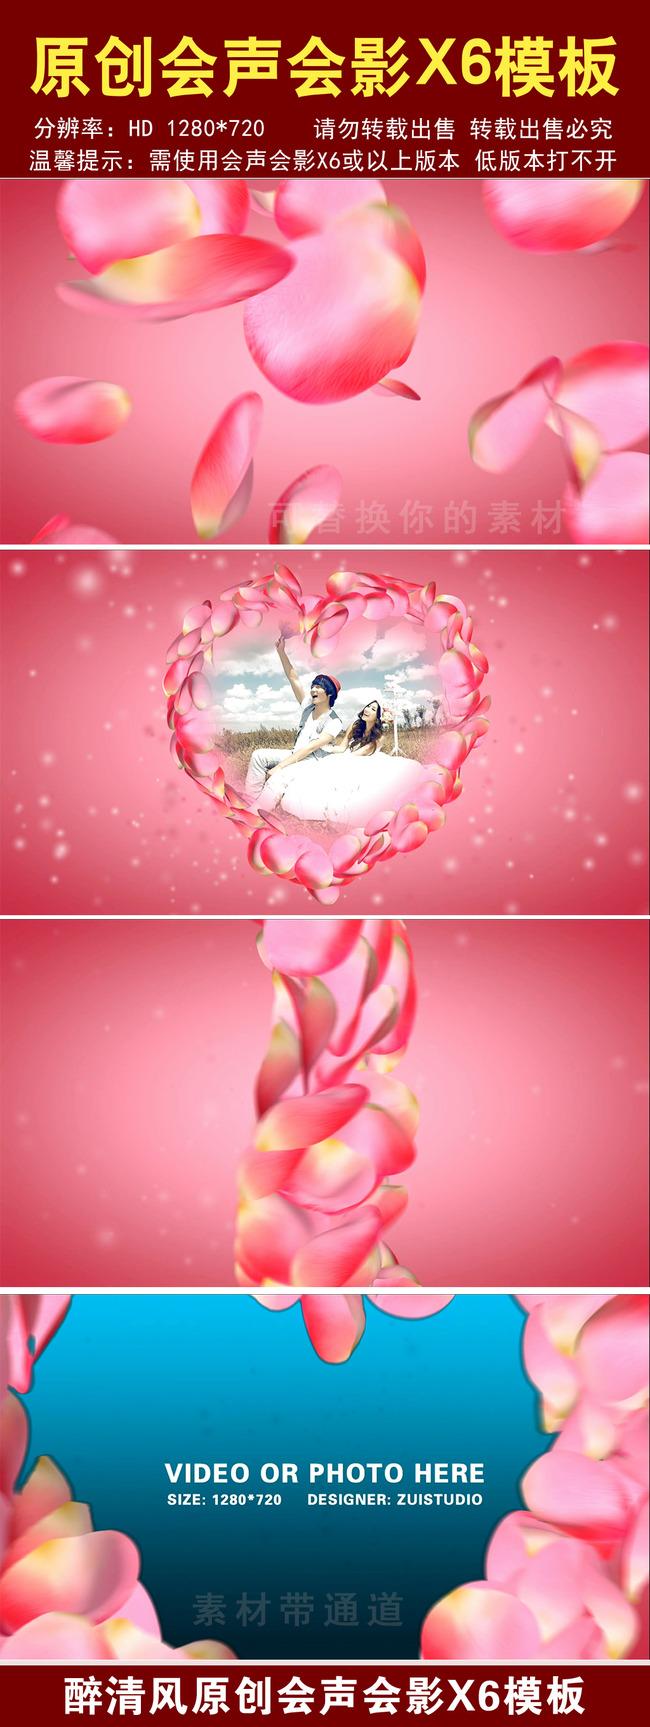 会声会影x6模板心形玫瑰花瓣素材图片